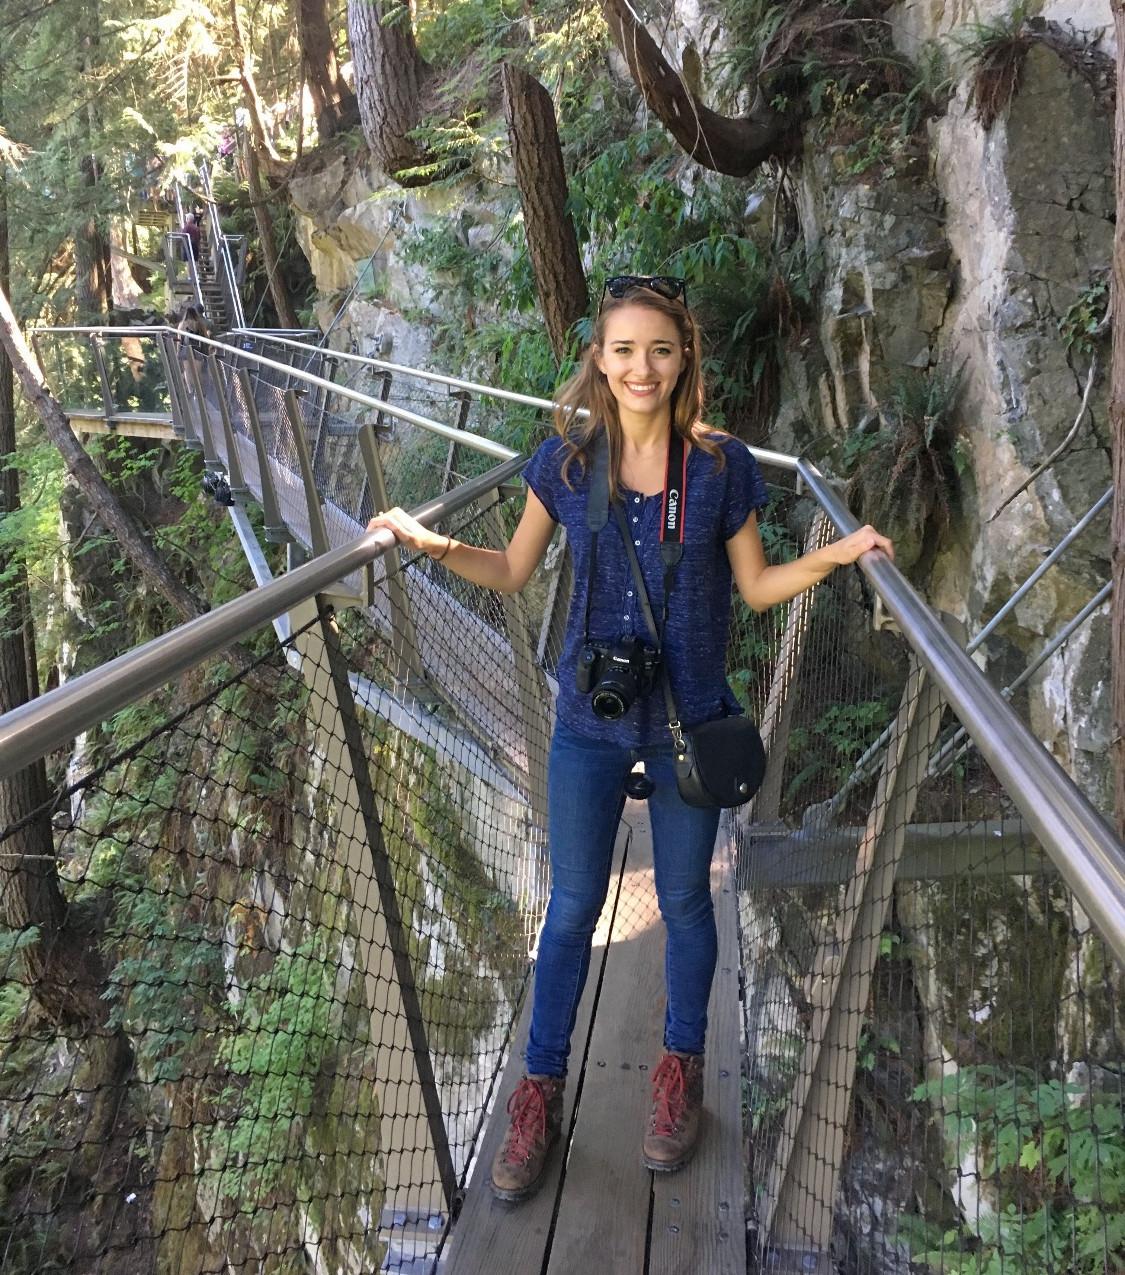 The Capilano Cliff Walk